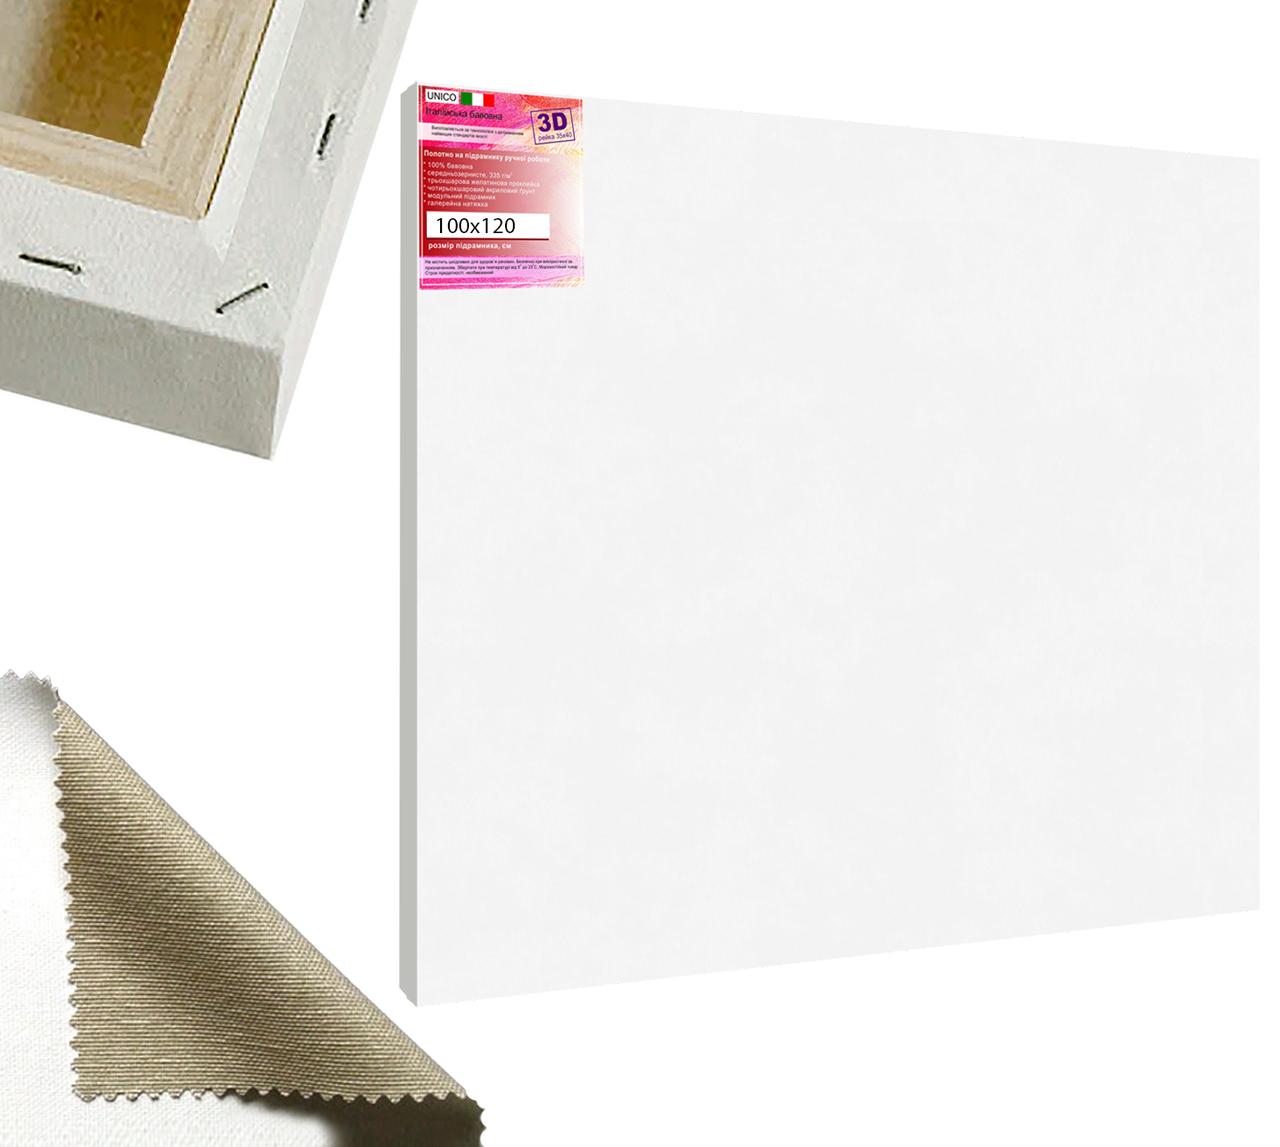 Холст на подрамнике Factura Unico3D 100х120 см Итальянский хлопок 335 грамм кв.м. среднее зерно белый